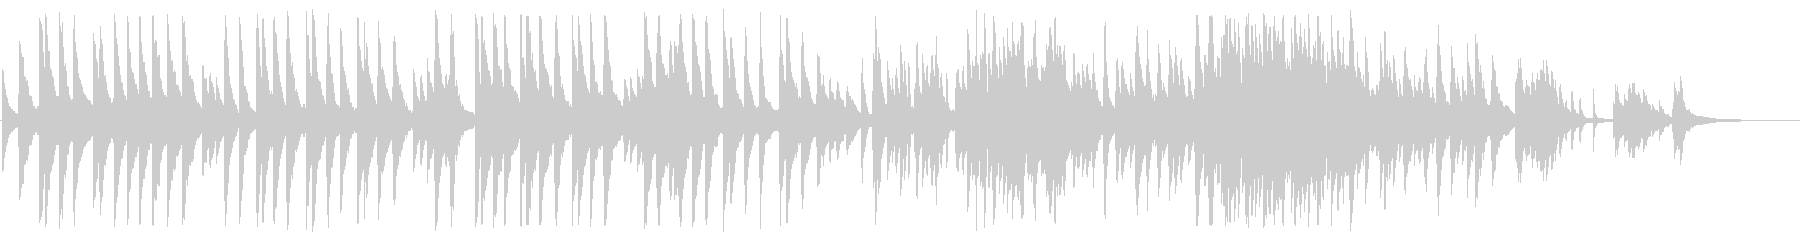 「蛍の光」ピアノカバーBGMの未再生の波形